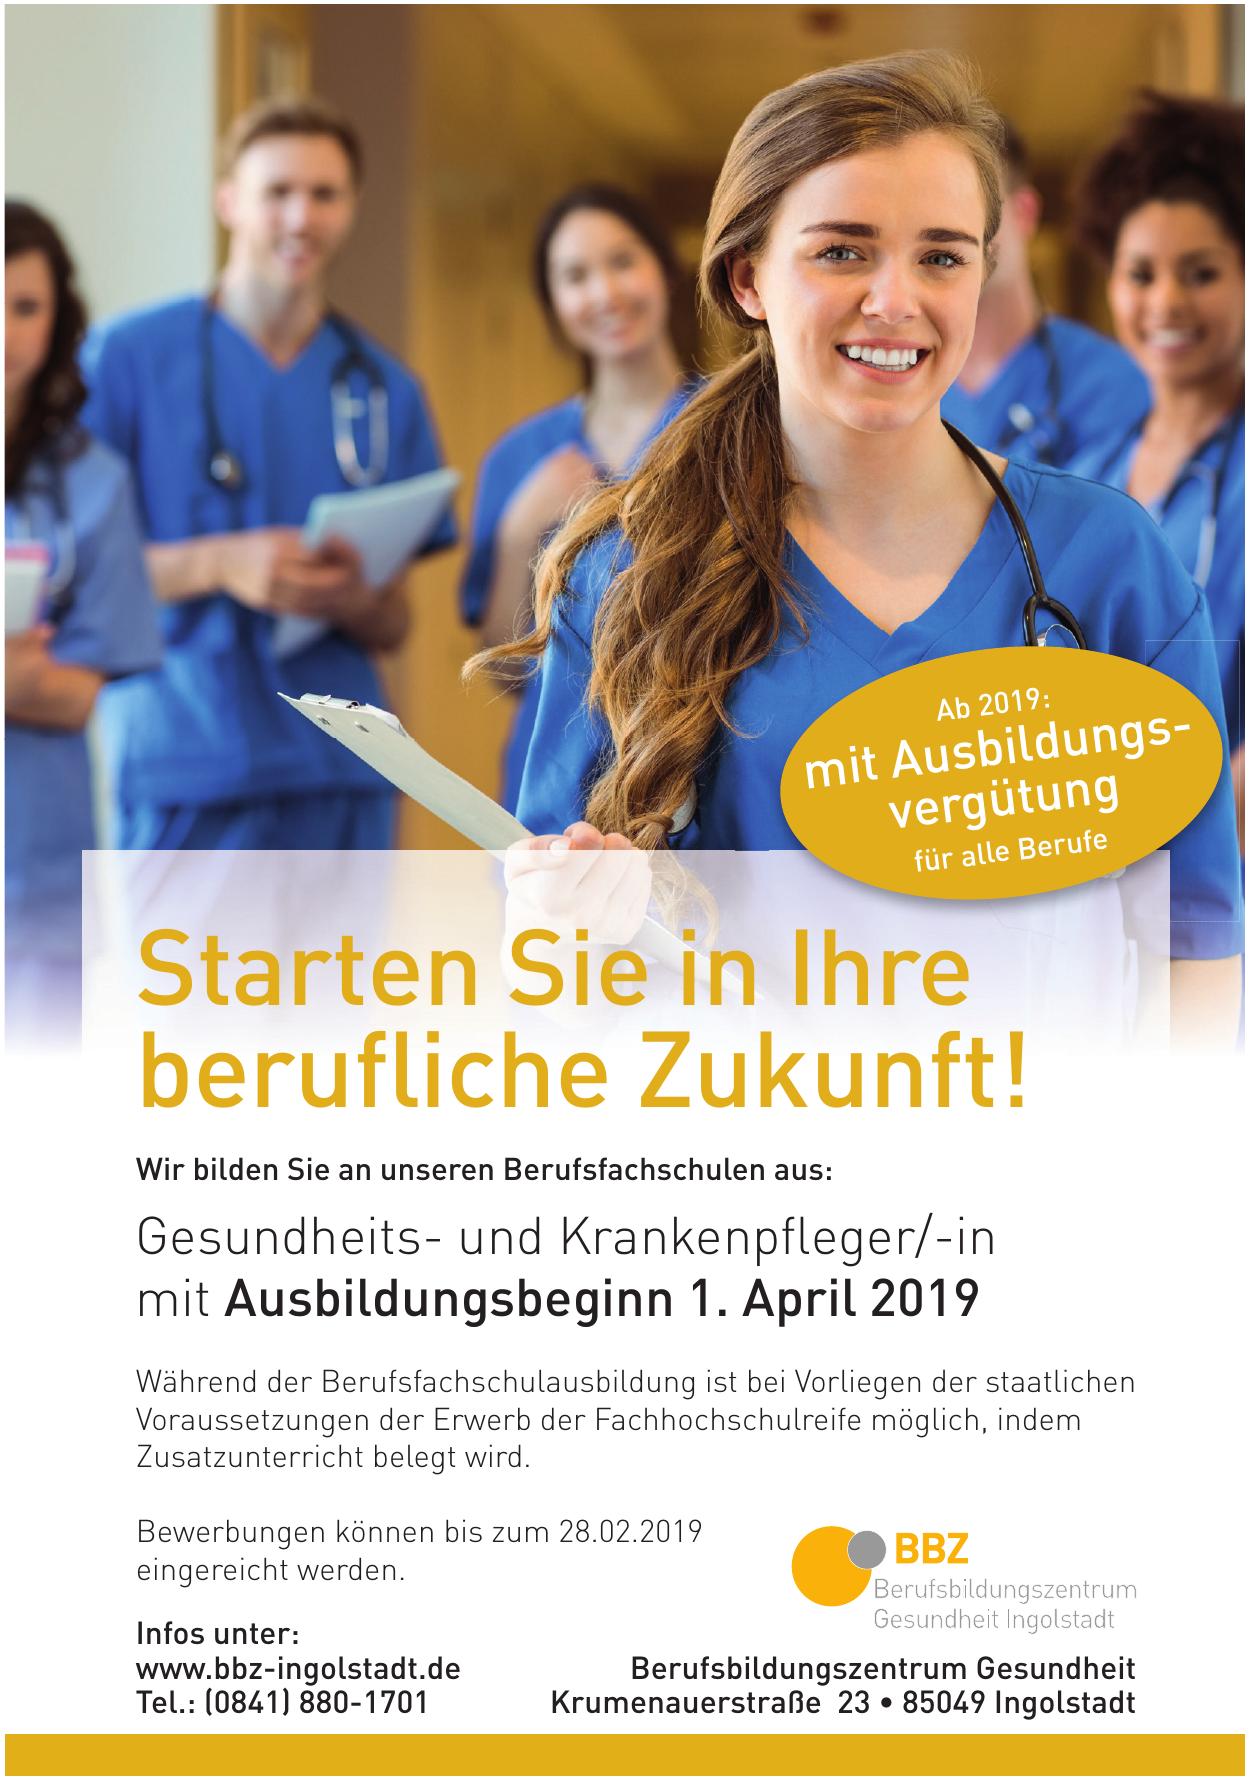 BBZ Berufsbildungszentrum Gesundheit Ingolstadt